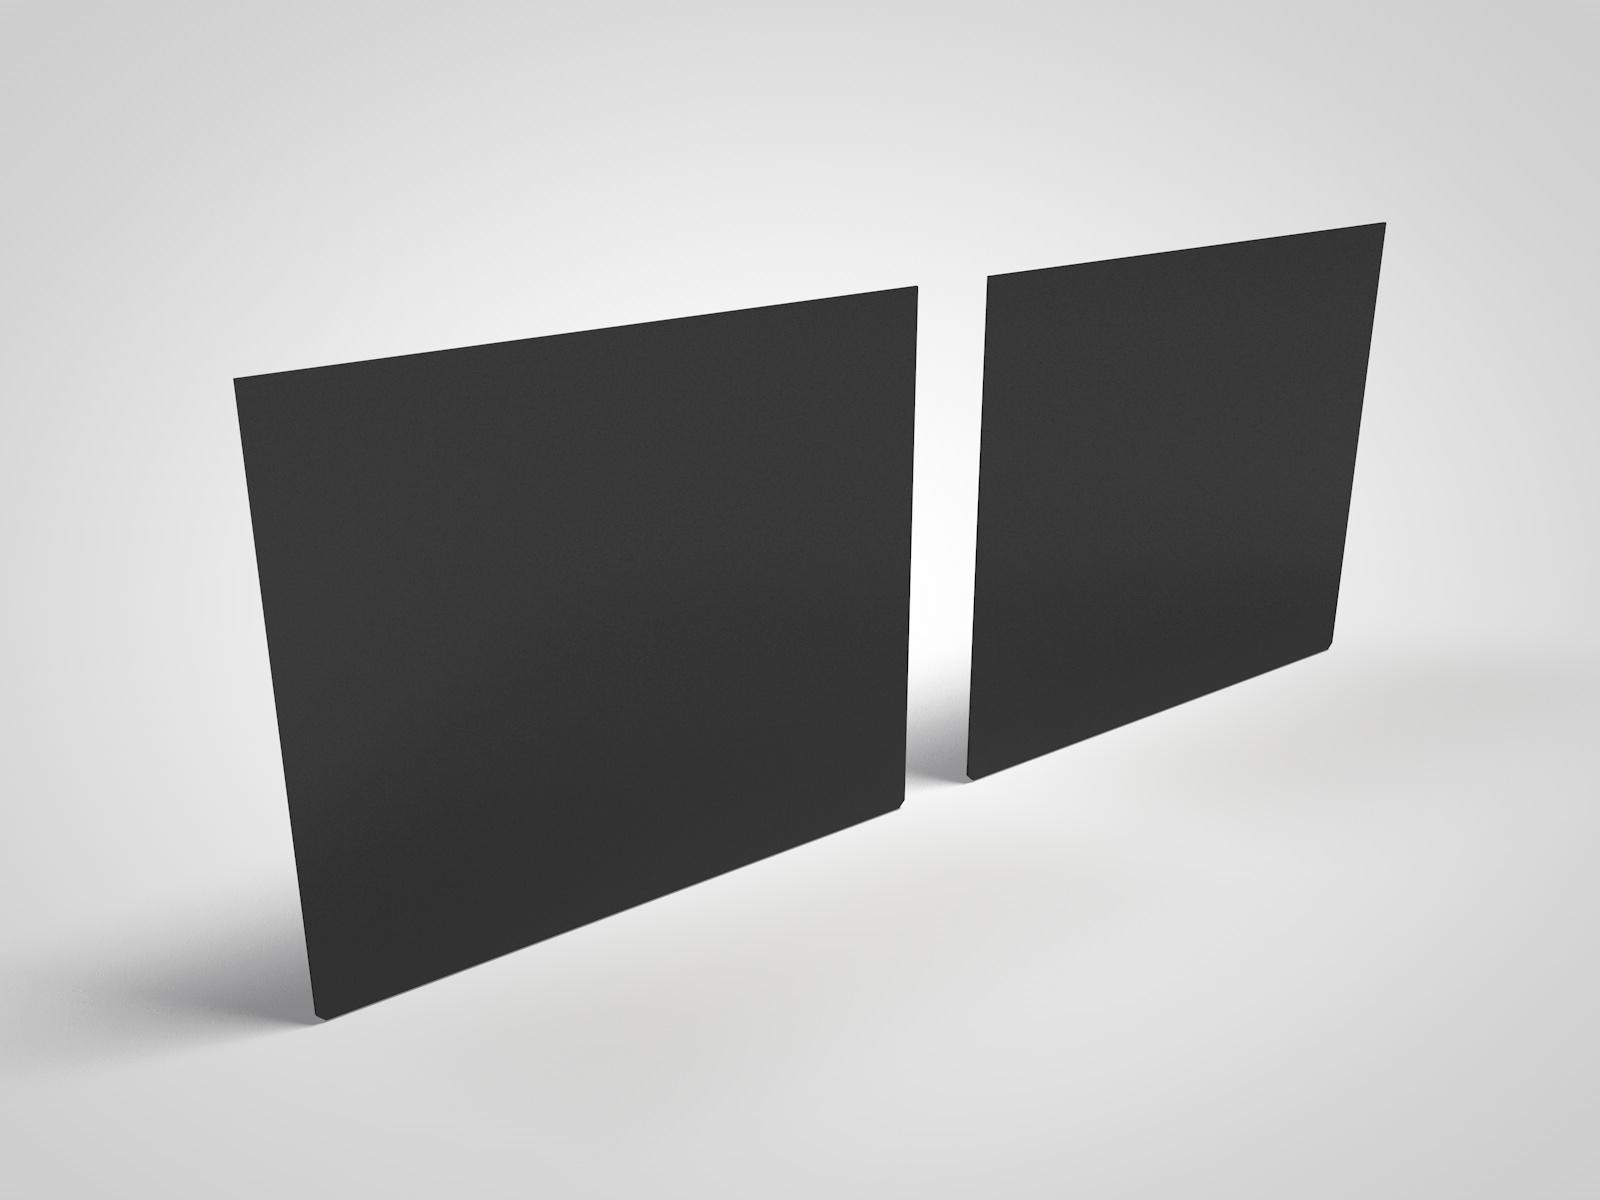 Fascia Panels